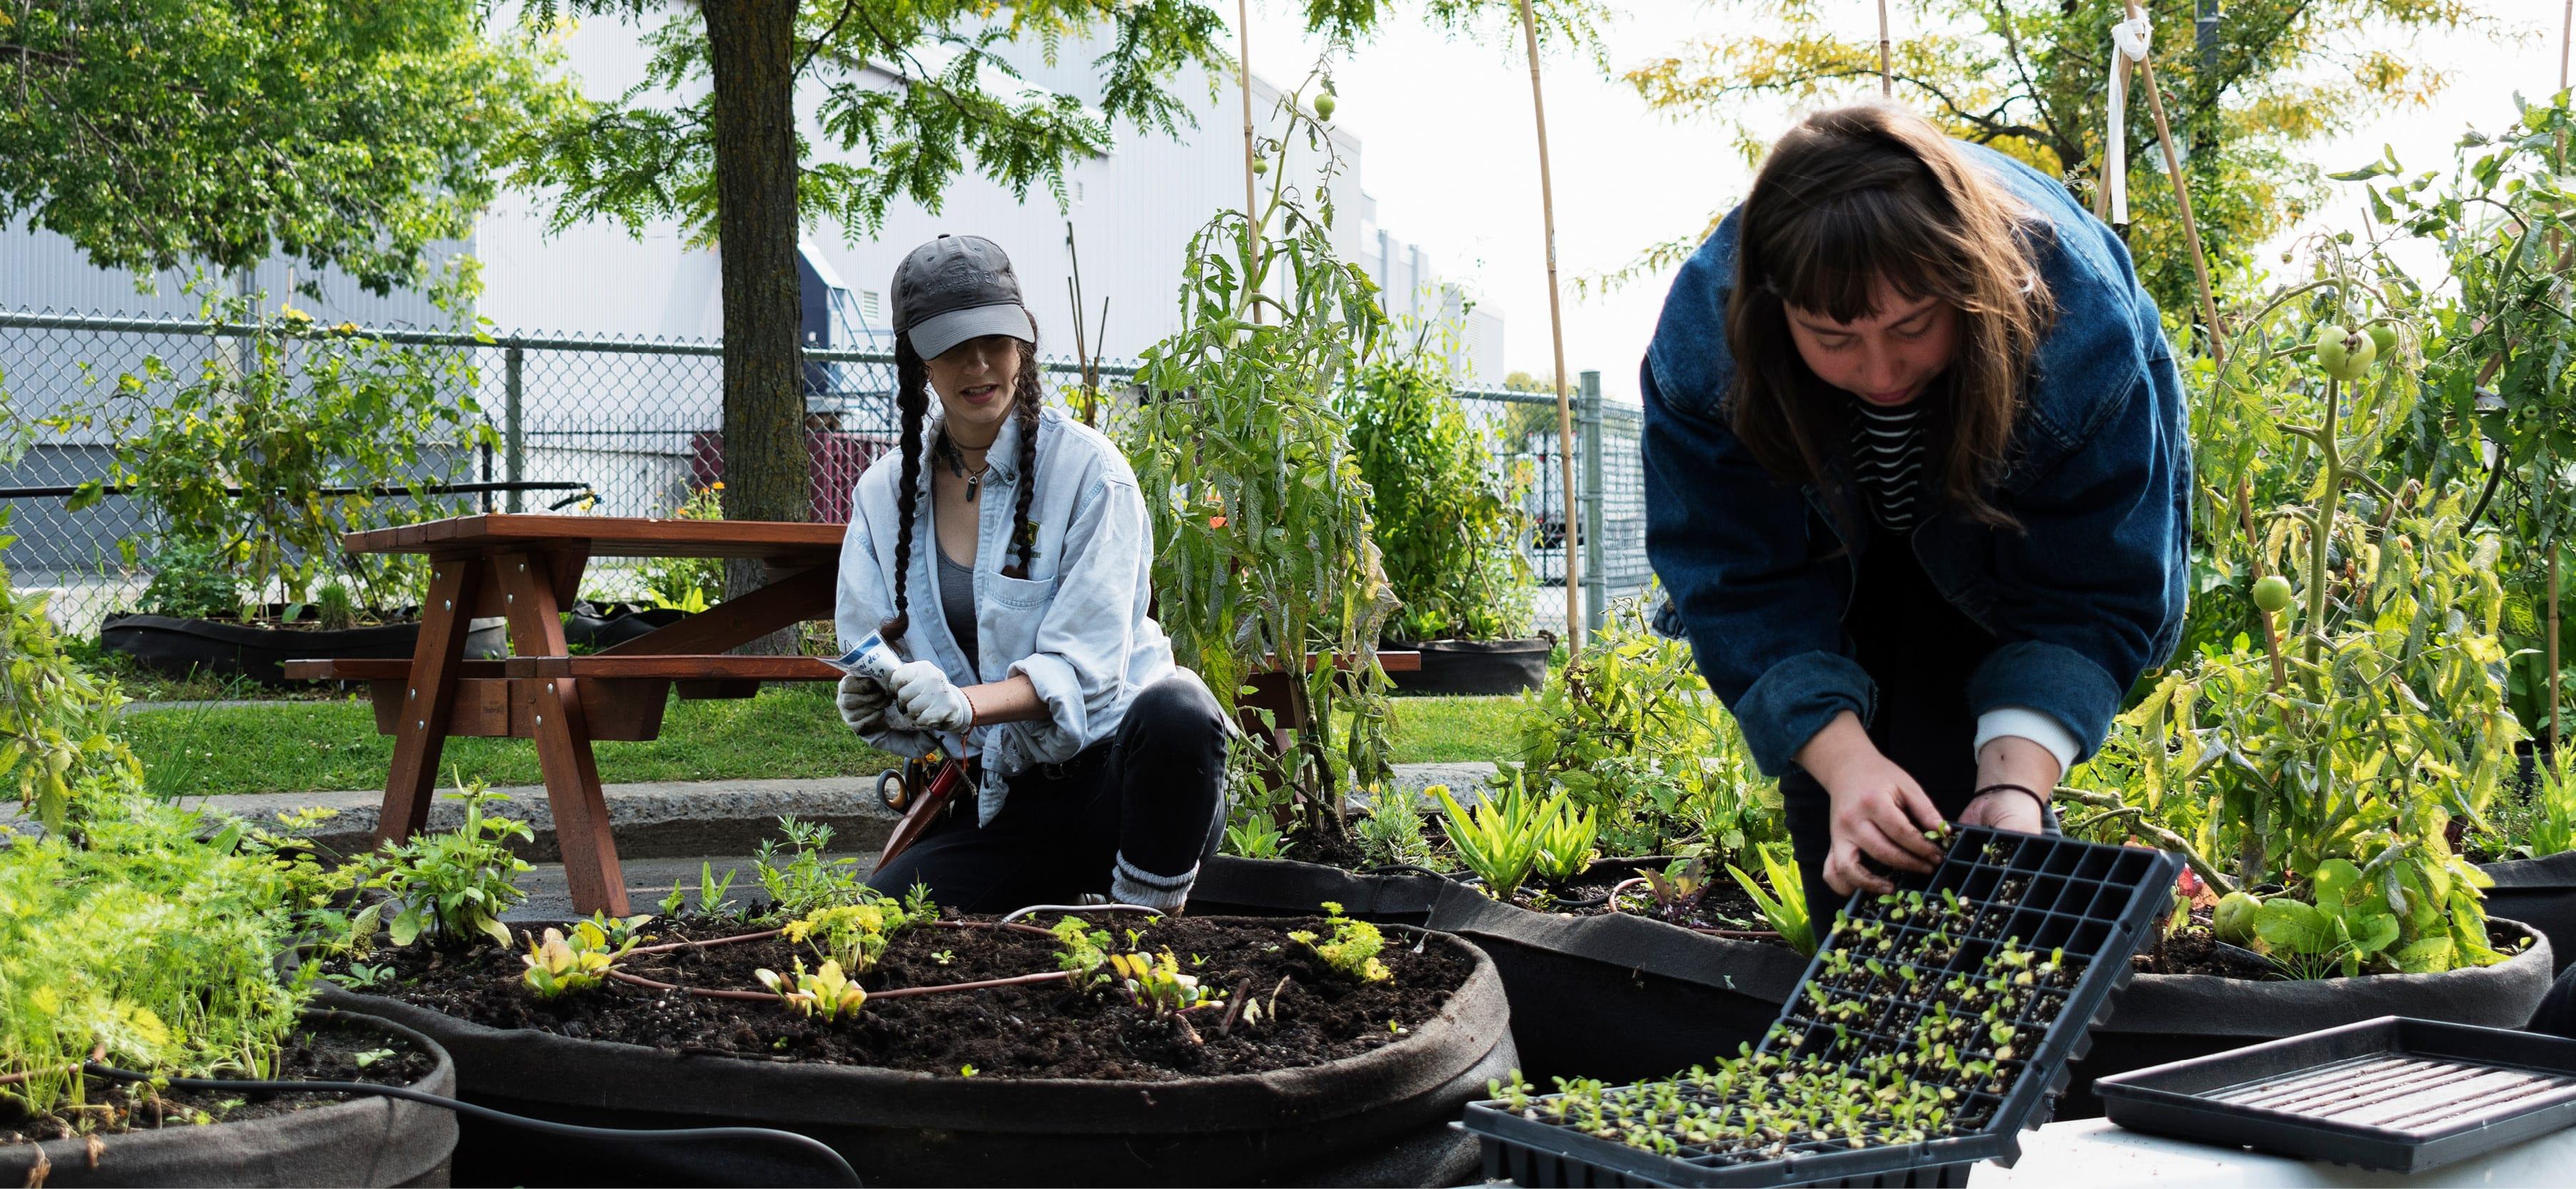 Mylène est animatrice horticole et Émilie est chargée de projets, toutes les deux au Carrefour alimentaire Centre-Sud